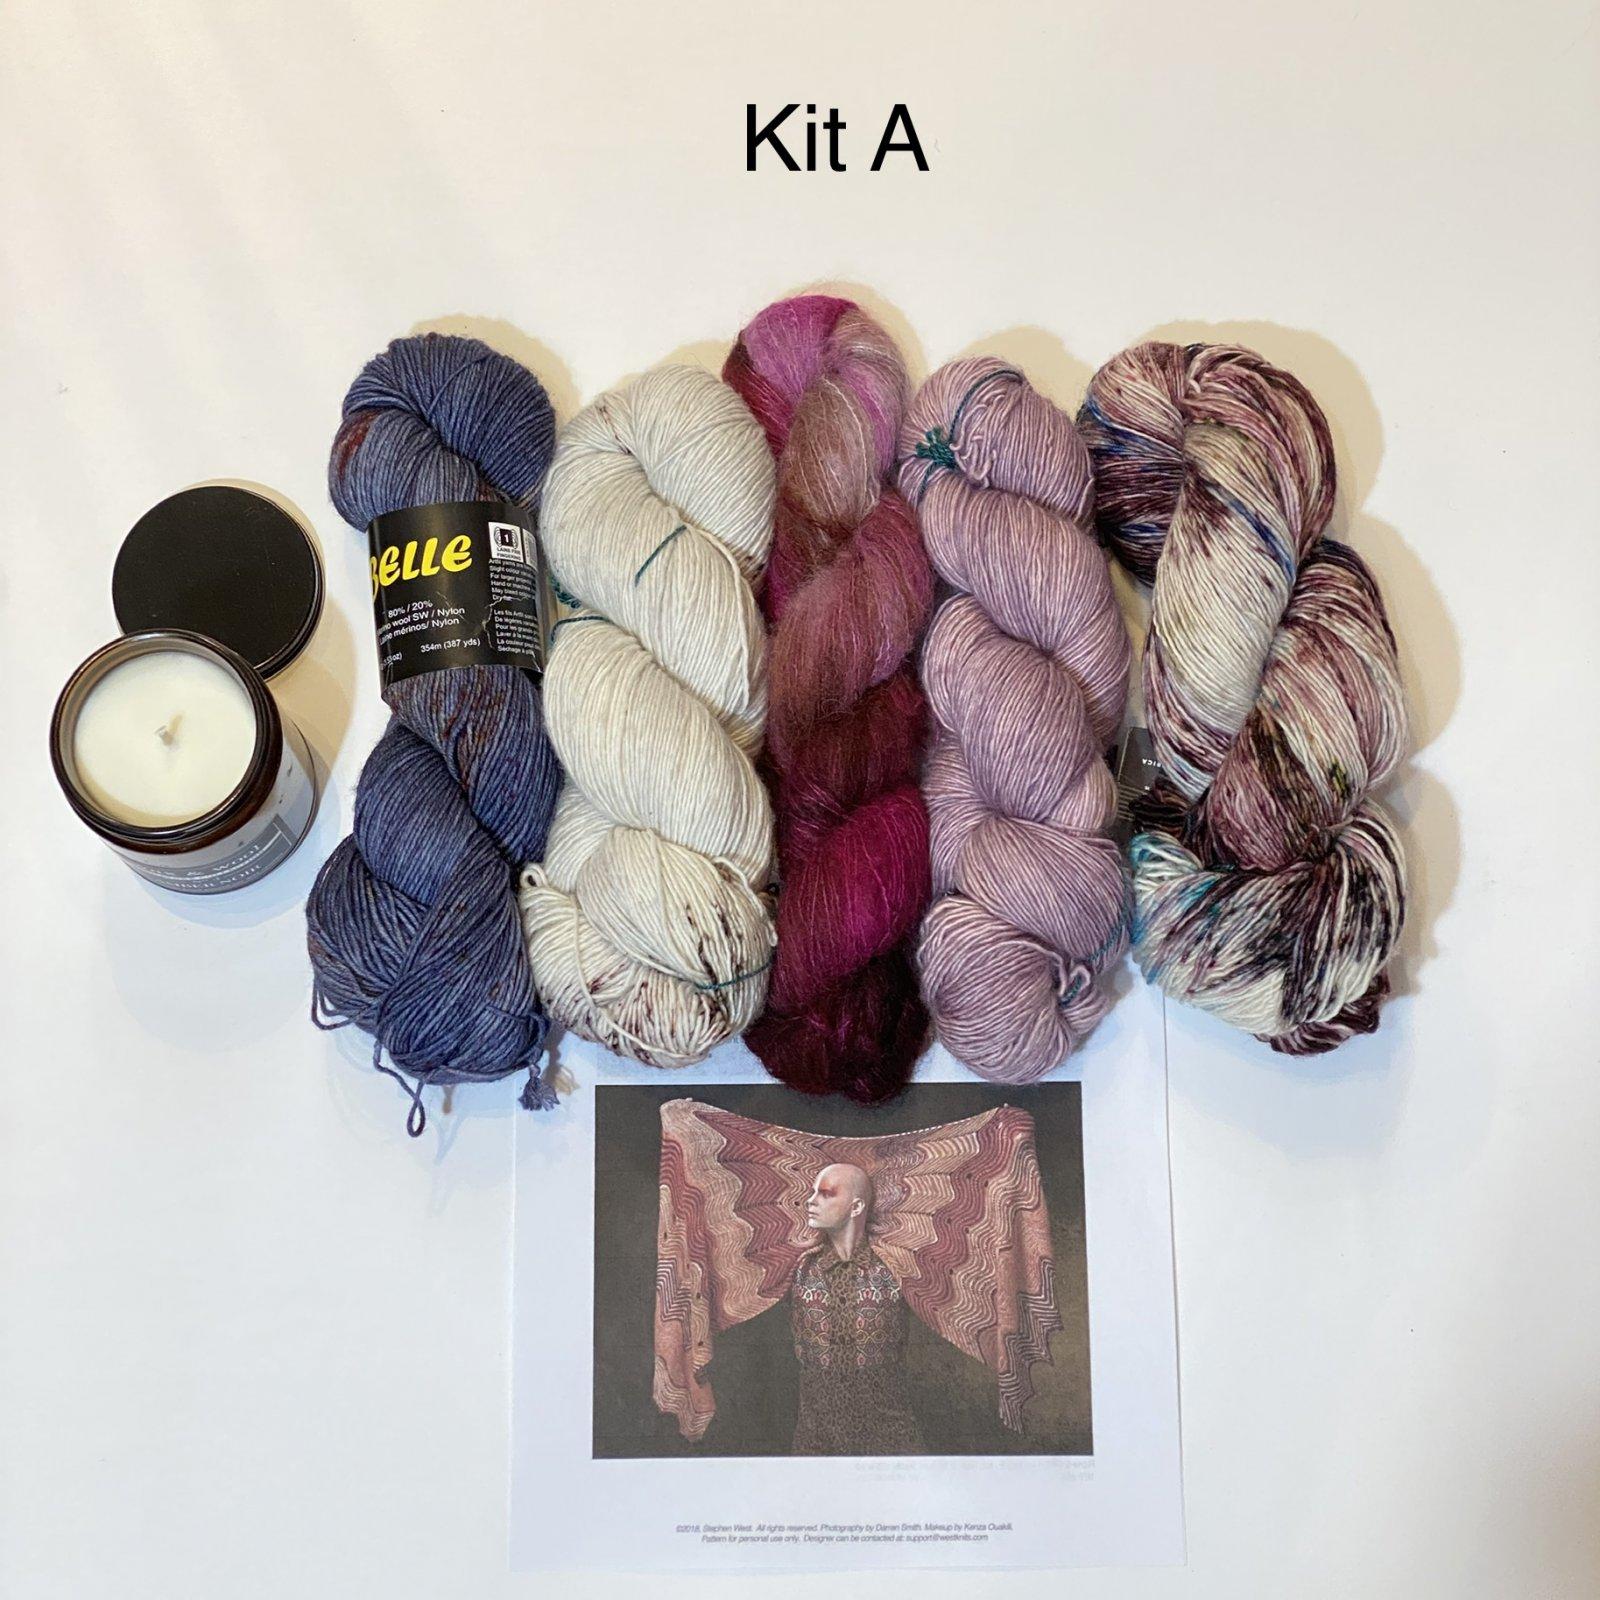 Mohairino Medley Kits